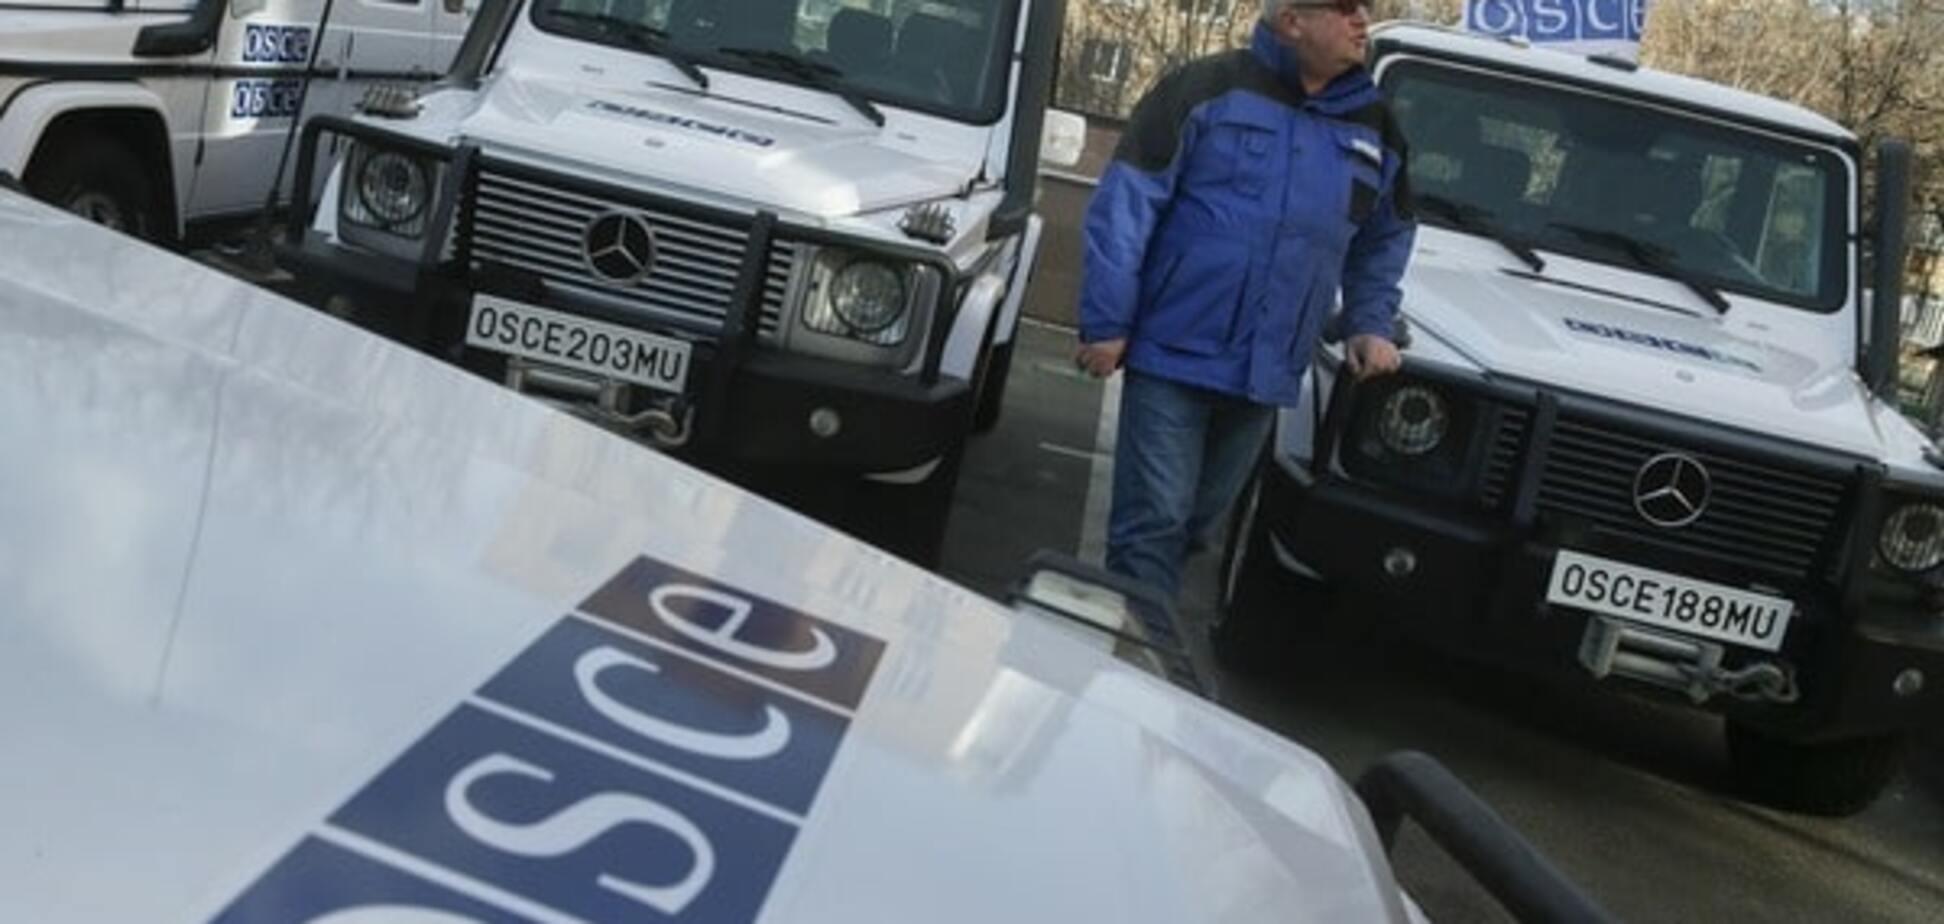 Розмови про білого бичка: Огризко пояснив, чому введення поліції ОБСЄ на Донбас - це фейк